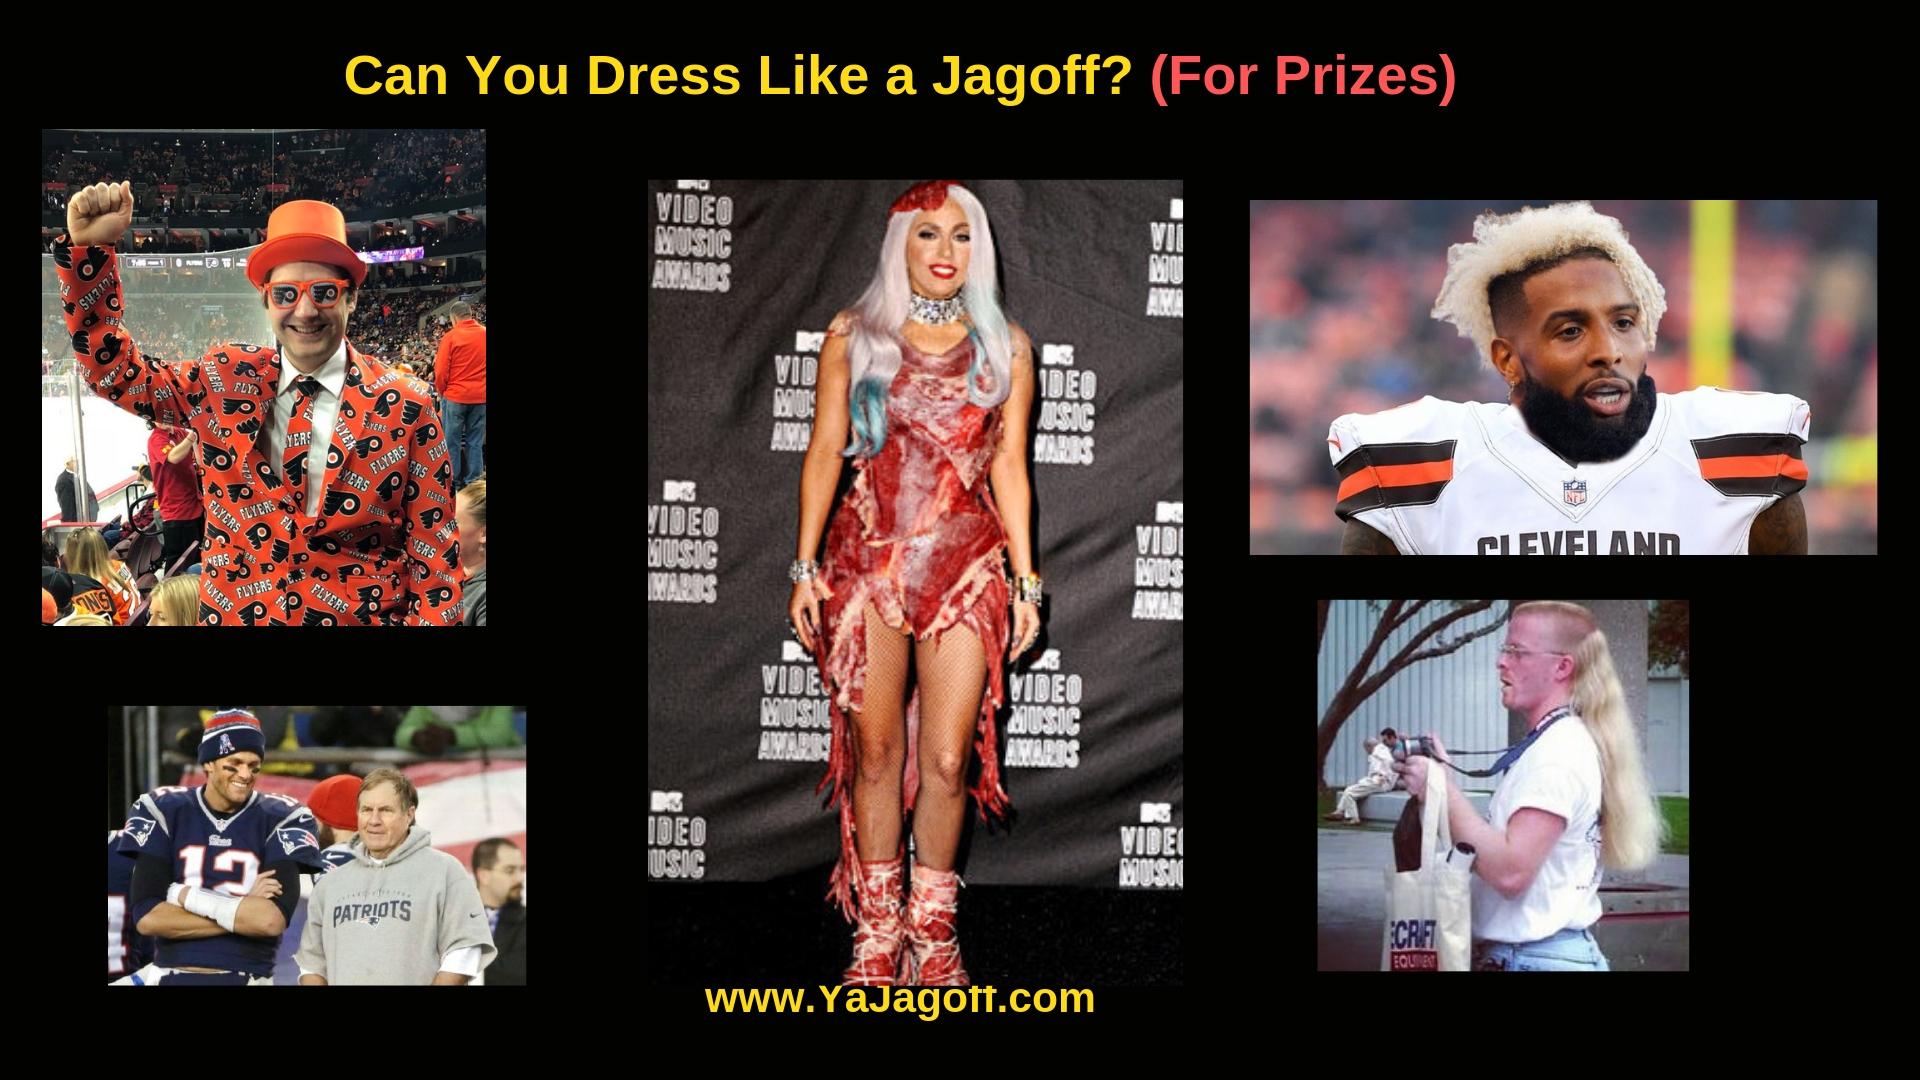 YaJagoff Fashion Show